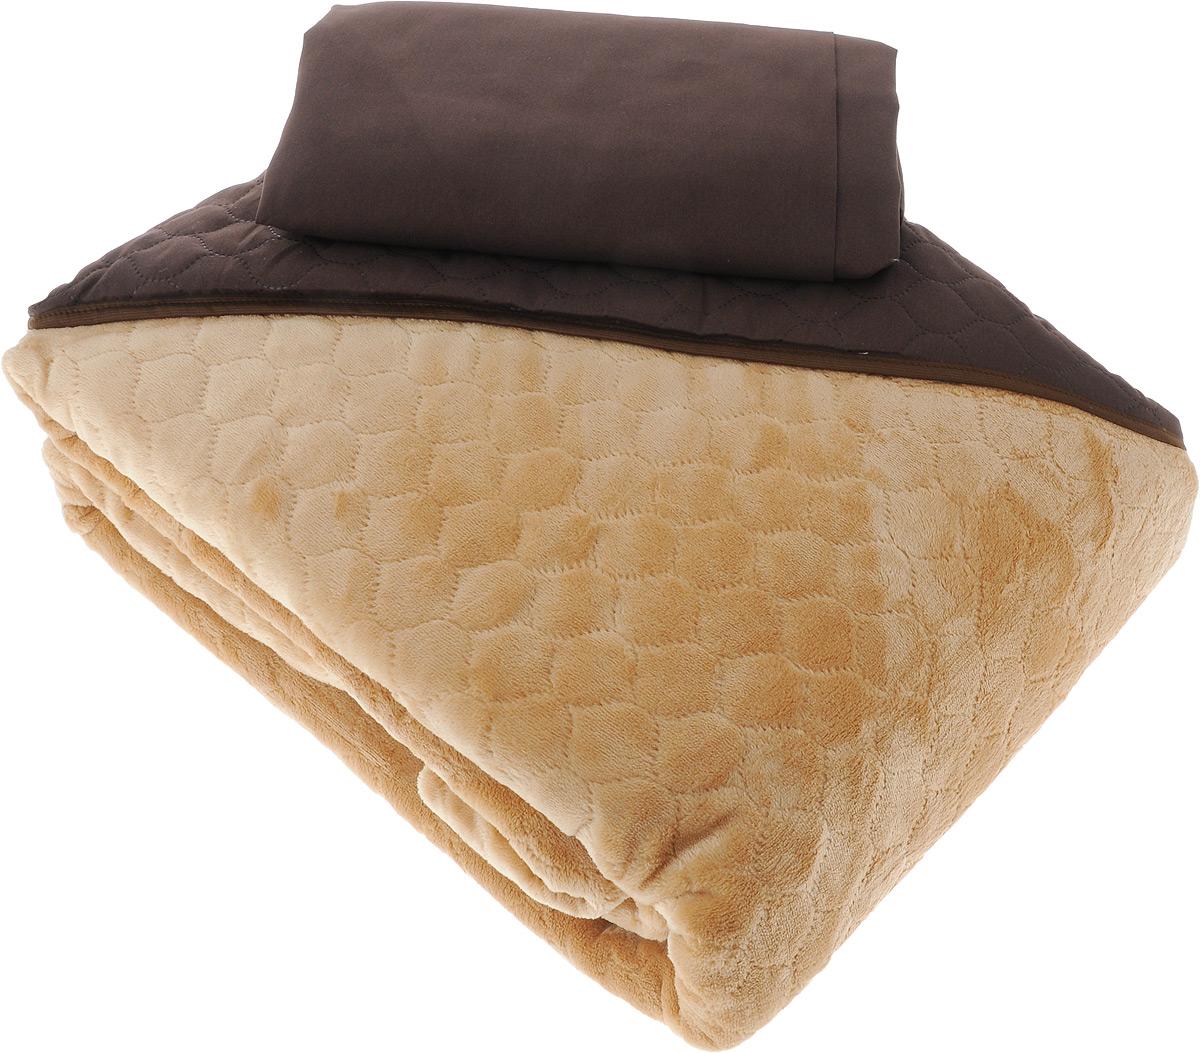 Комплект для спальни Sleep iX Multi Set: покрывало 220 х 240 см, простыня 230 х 240 см, 2 наволочки 50 х 70 см, цвет: коричневый, рыжийpva221574Комплект для спальни Sleep iX Multi Set состоит из покрывала, простыни и 2 наволочек. Верх многофункционального одеяла-покрывала выполнен из мягкой высокотехнологичной ткани, которая хорошо сохраняет тепло, устойчива к стирке и износу, а низ выполнен из нежного искусственного меха. Такой мех не требует специального ухода, он легко чистится и долгое время сохраняет мягкость и внешний вид. Наволочки и простыня выполнены из микрофибры.Комплект для спальни Sleep iX Multi Set - отличный способ придать спальне уют и привнести в интерьер что-то новое.Размер покрывала: 220 х 240 см. Размер наволочки: 50 х 70 см. Размер простыни: 230 х 240 см.Комплект упакован в сумку-чехол на застежке-молнии.